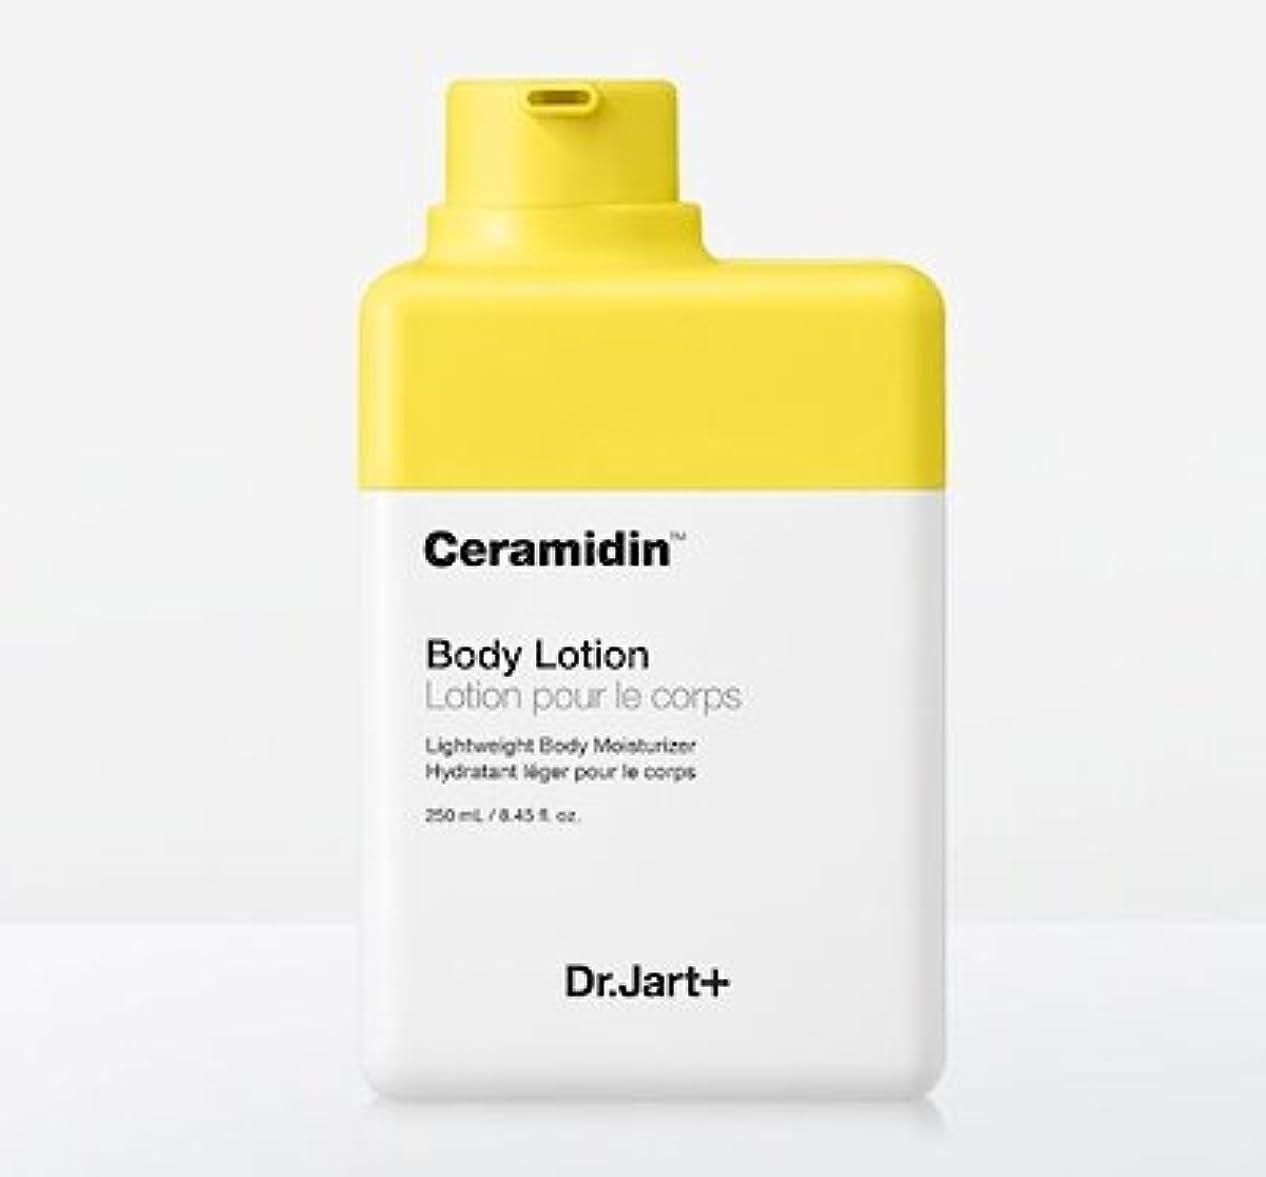 フェミニン追い出す専門用語ドクタージャルトセラマイディンボディローション Dr.Jart Ceramidin Body Lotion 250ml [並行輸入品]